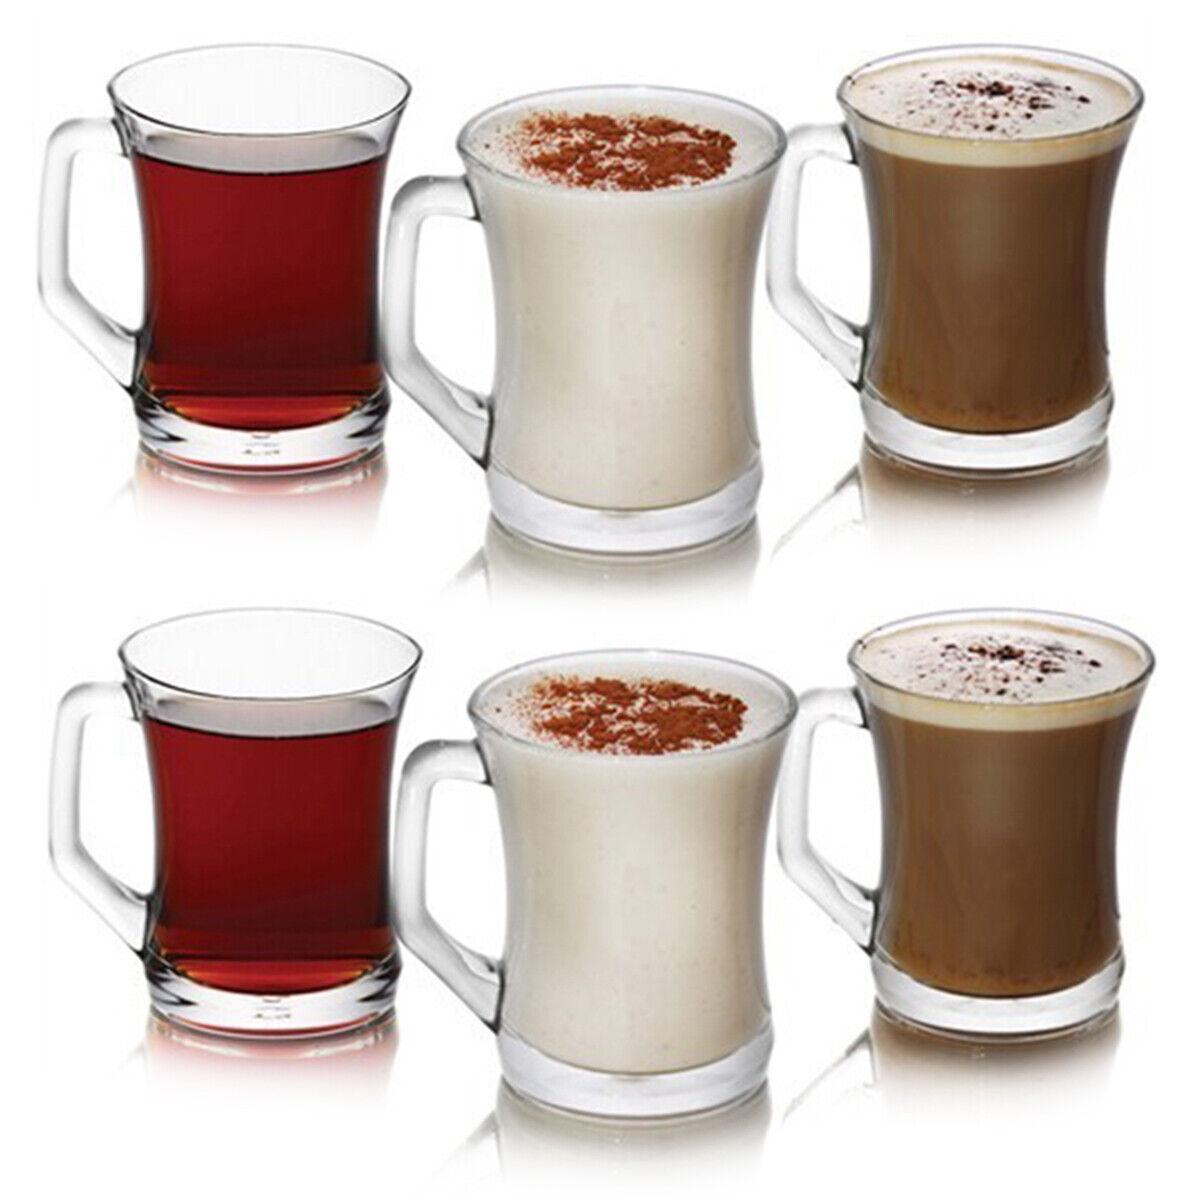 Tassen-Set aus hochwertiges Glas 225 ml ideal für alle Heißgetränke tlg LAV 12